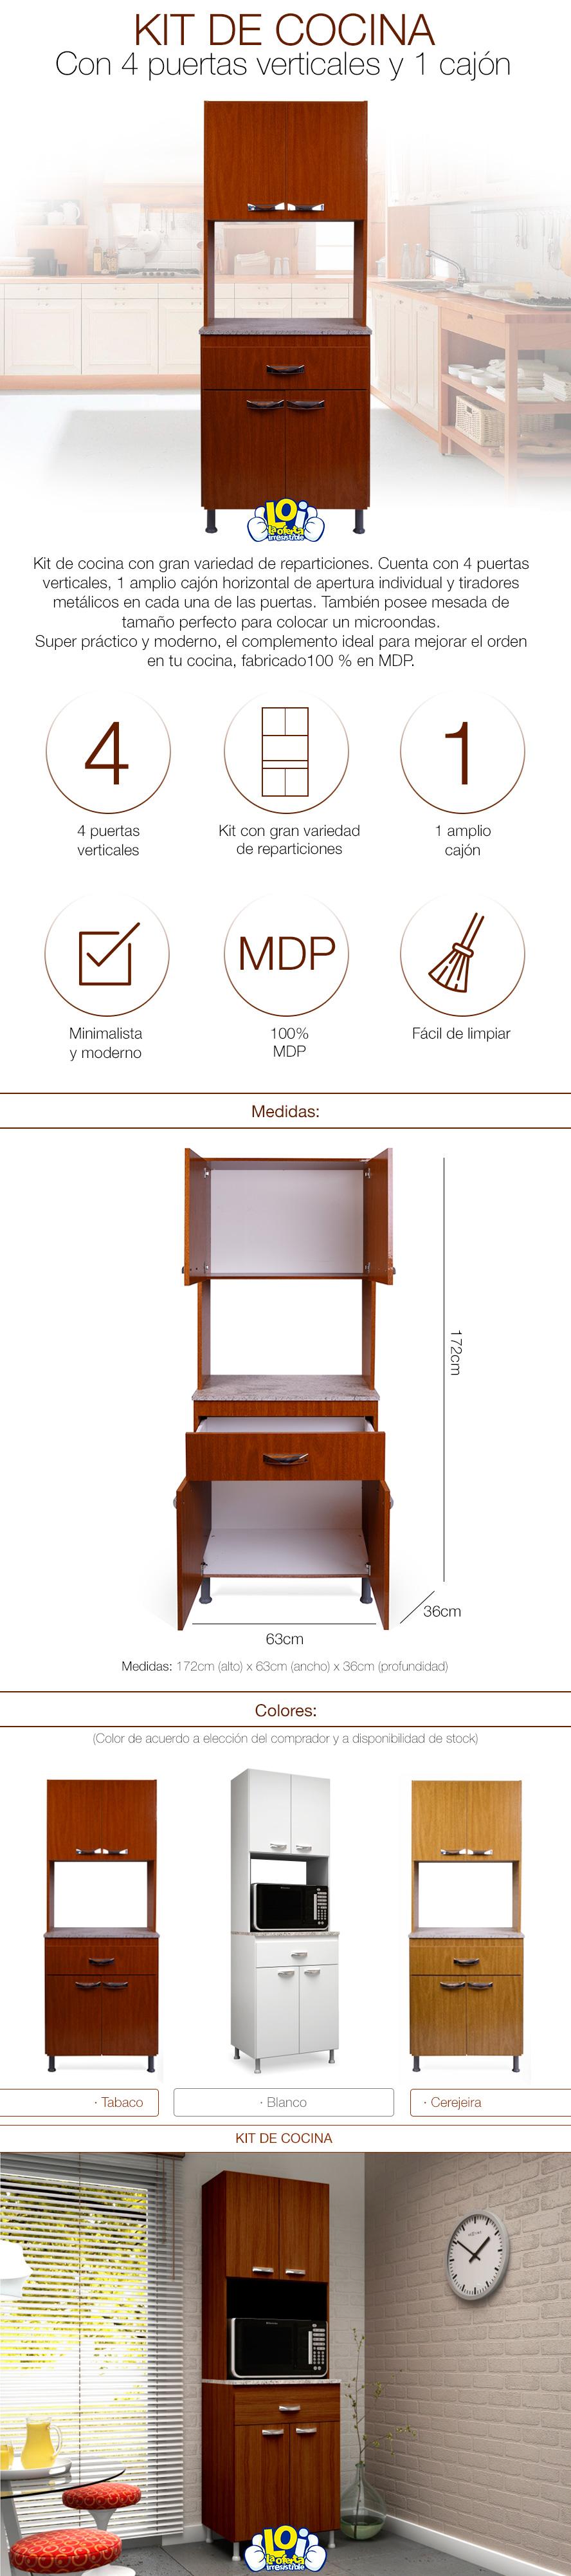 Mueble armario de cocina 4 puertas 1 caj n color blanco - Armarios de cocina en kit ...